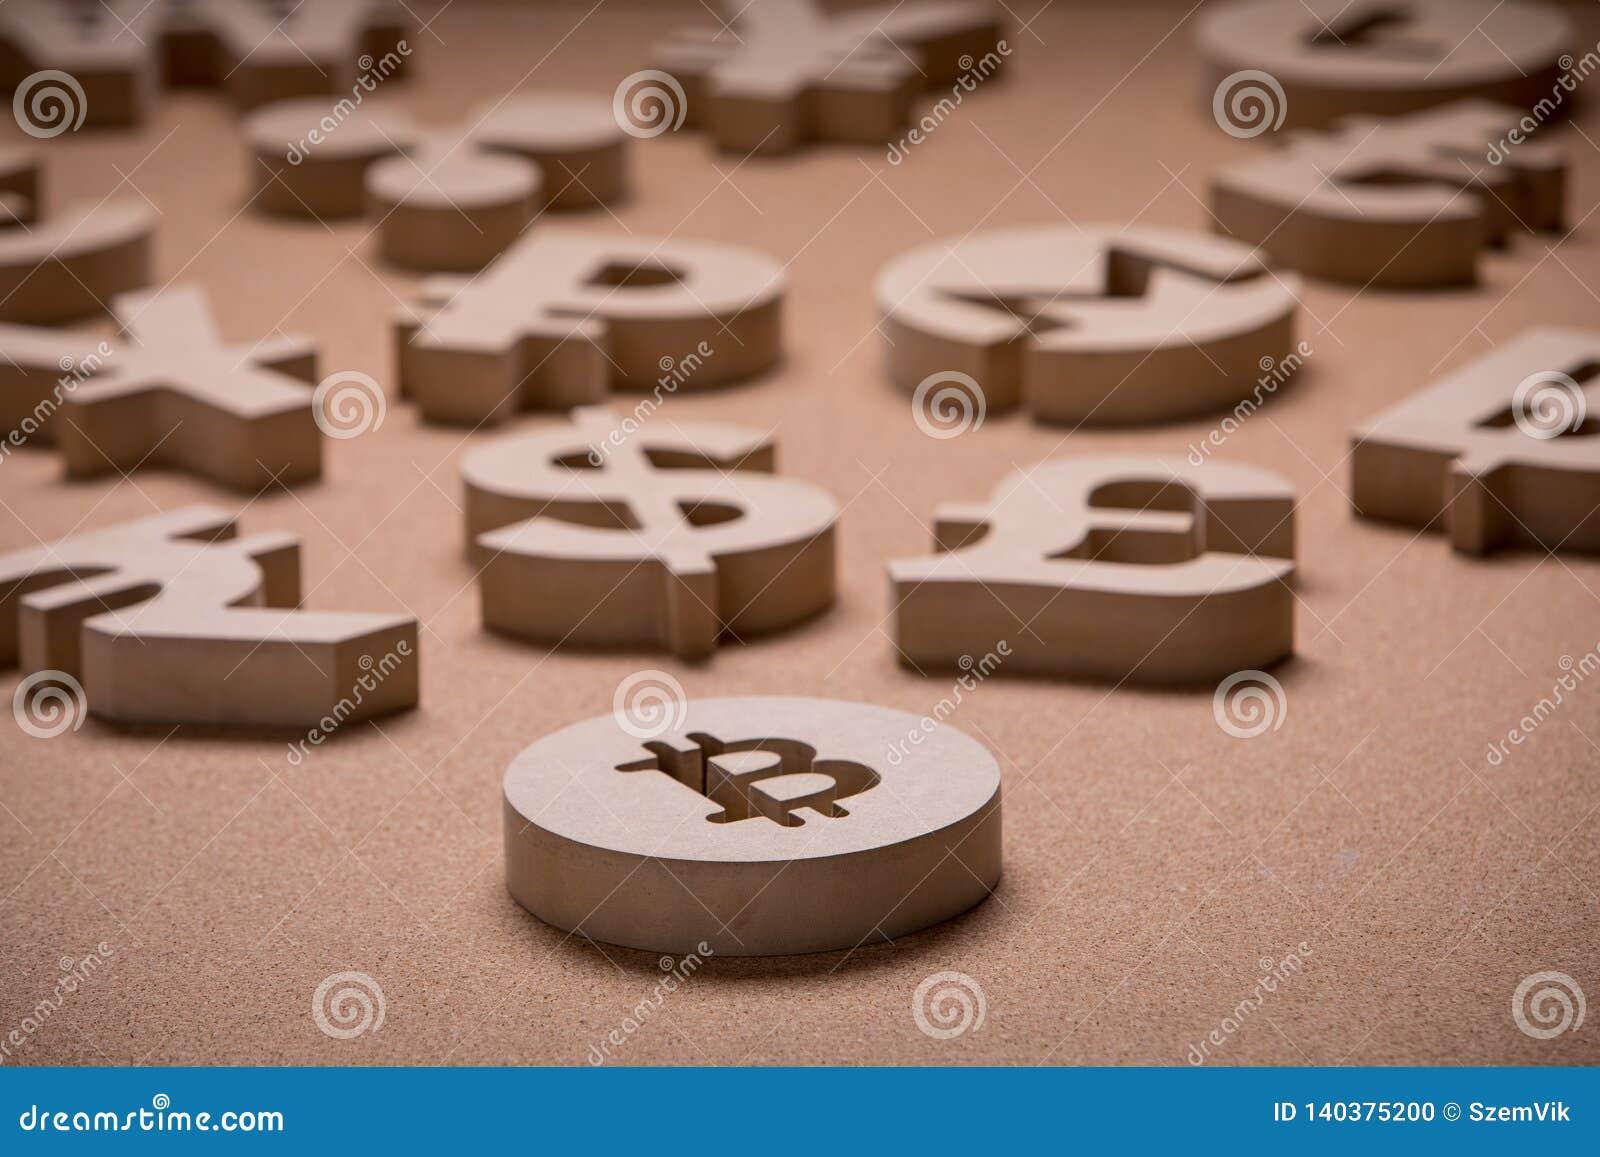 De madera canta o los símbolos de las monedas del mundo en imagen del grupo